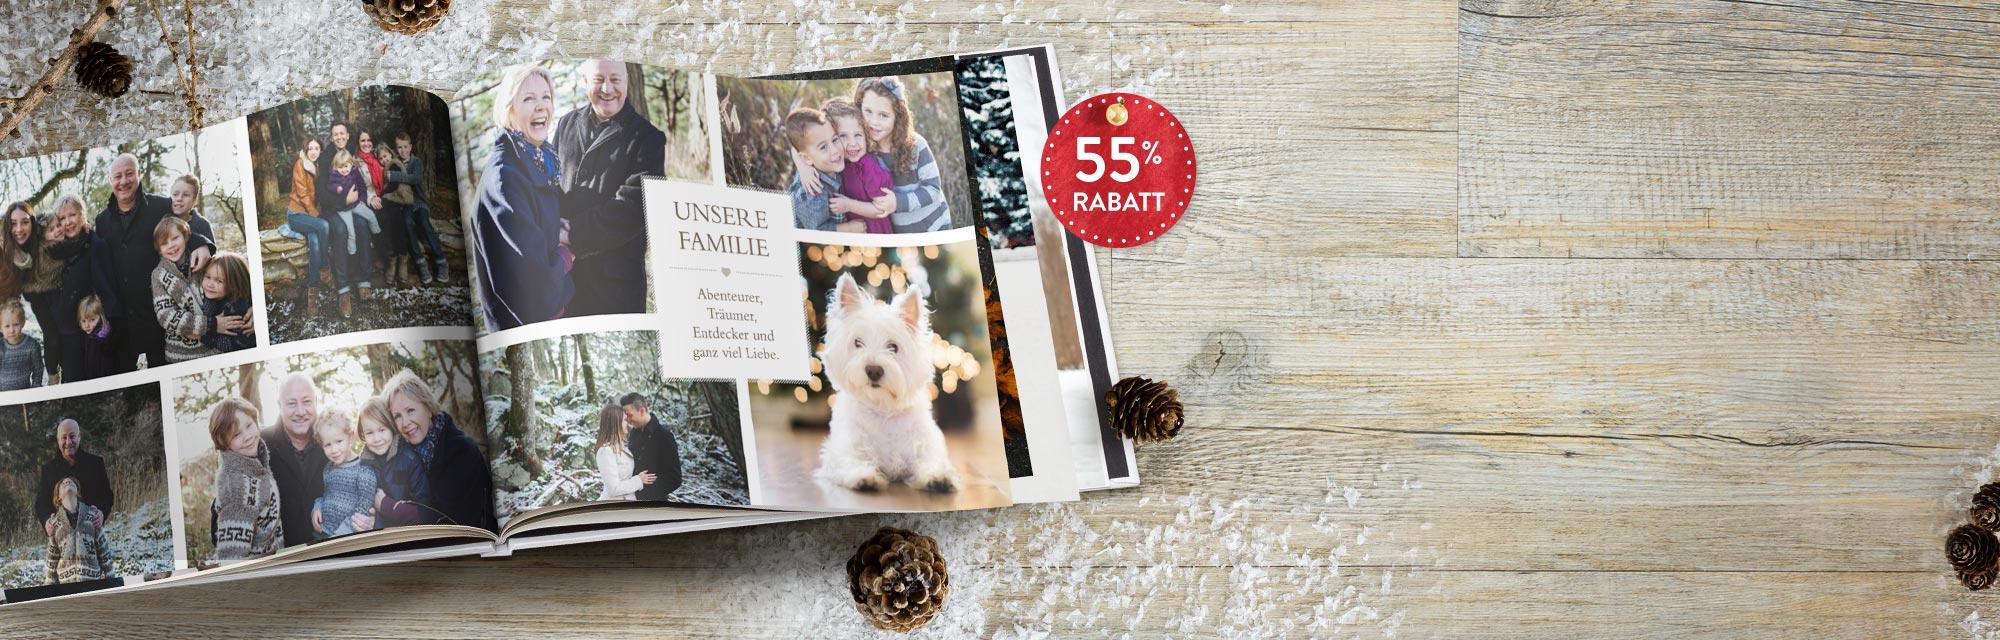 Zauberhaft : Momente des Jahres in einem Fotobuch verewigen - mit Gutscheincode BEST216 auf Fotobücher 20x30 cm & 30x20 cm bis 98 Seiten 55% sparen!